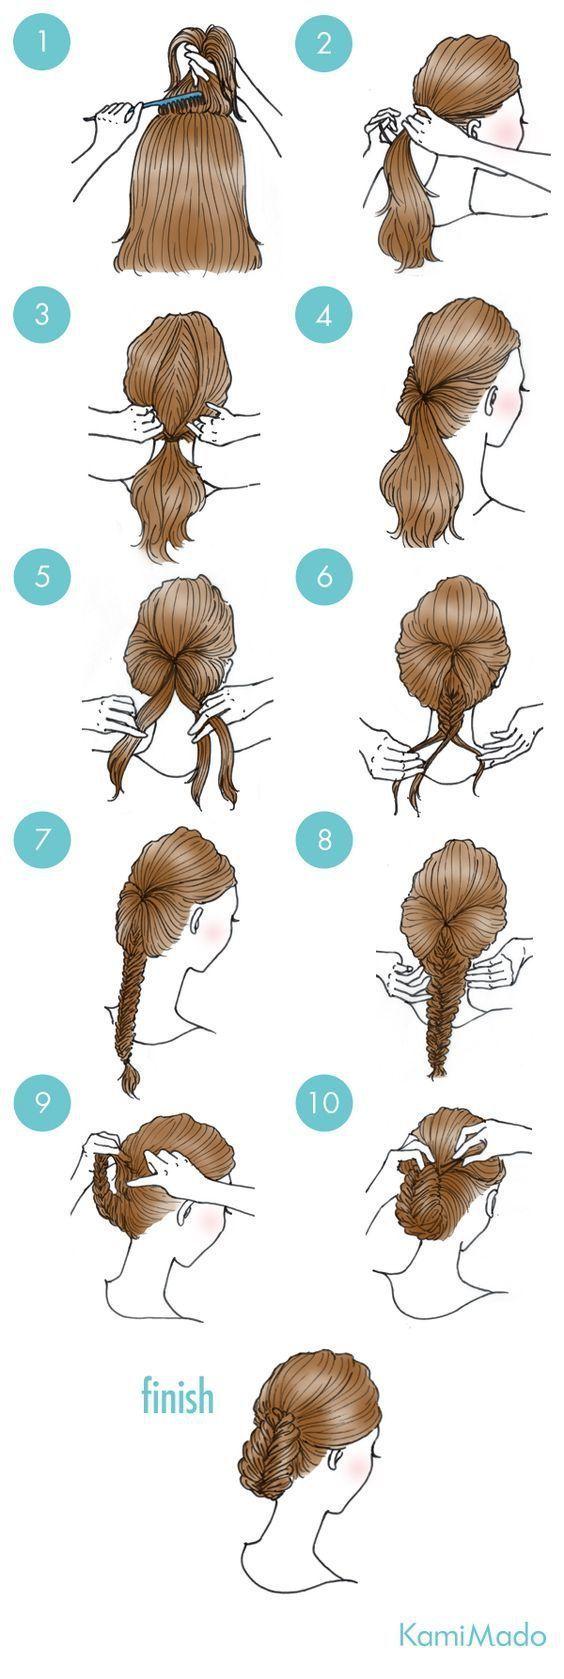 Tolle und einfache Frisur für den Alltag. #simple #hairstyles #frisuren #illust #easyhairstyles